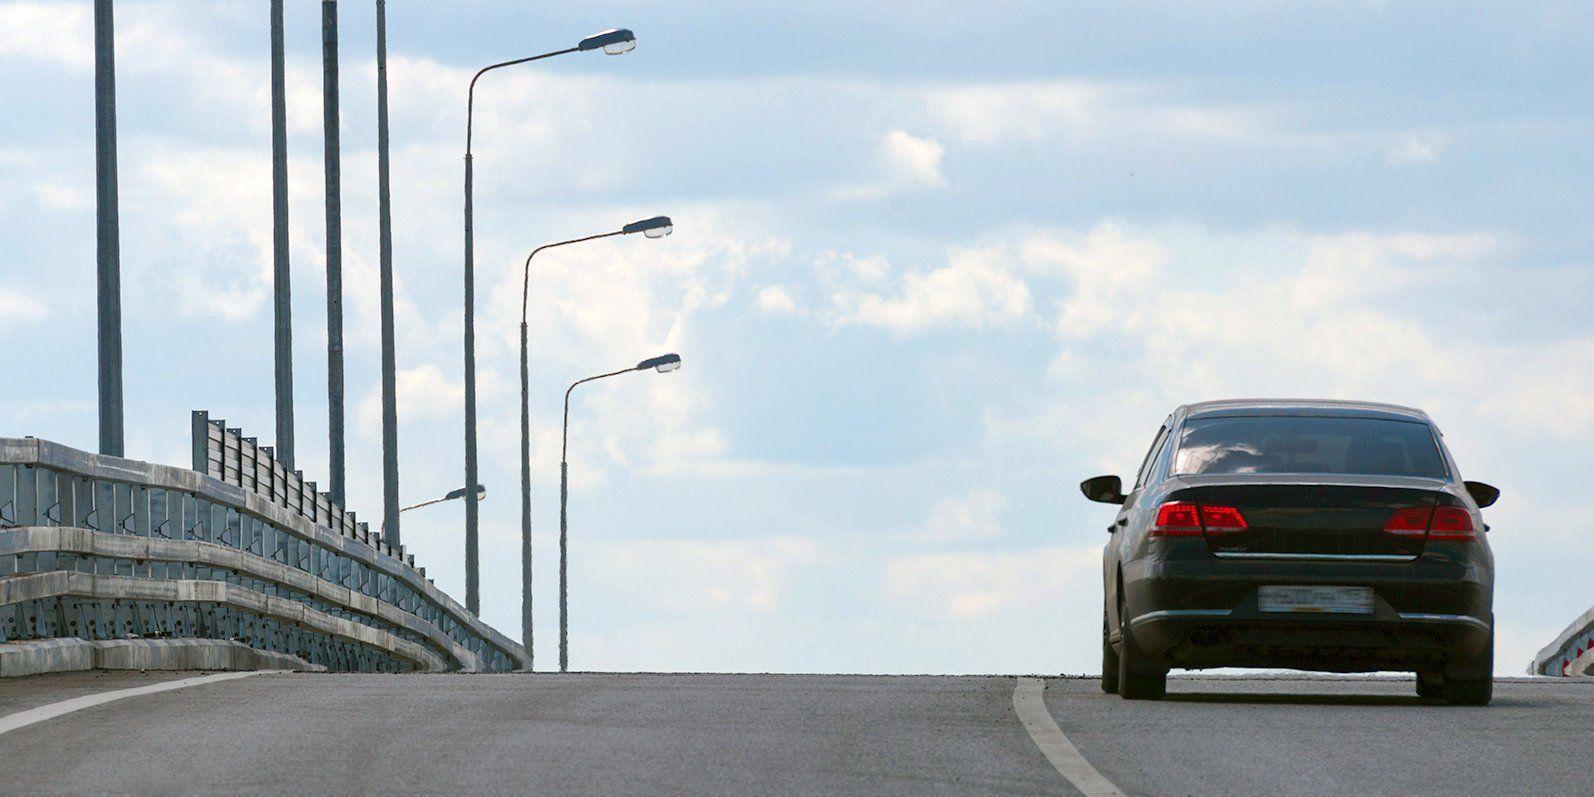 Элементы дорожного хозяйства отремонтировали в Московском